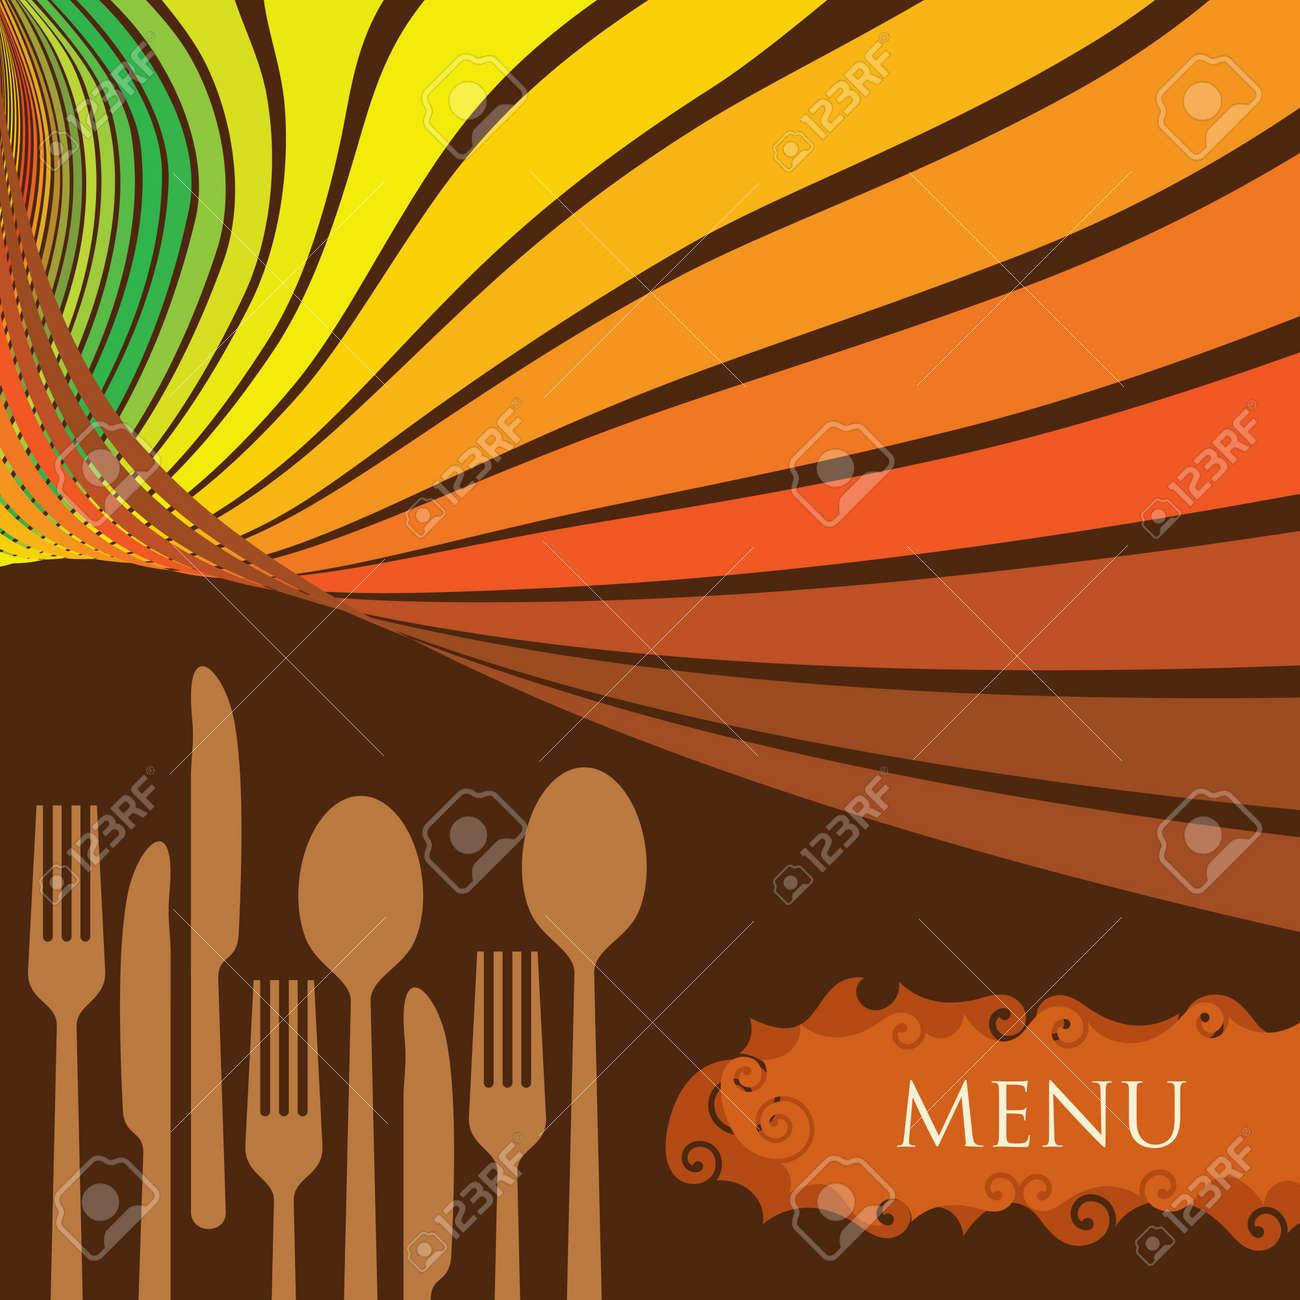 Menú De Restaurante Diseño Diseño De Plantillas - Ilustración ...